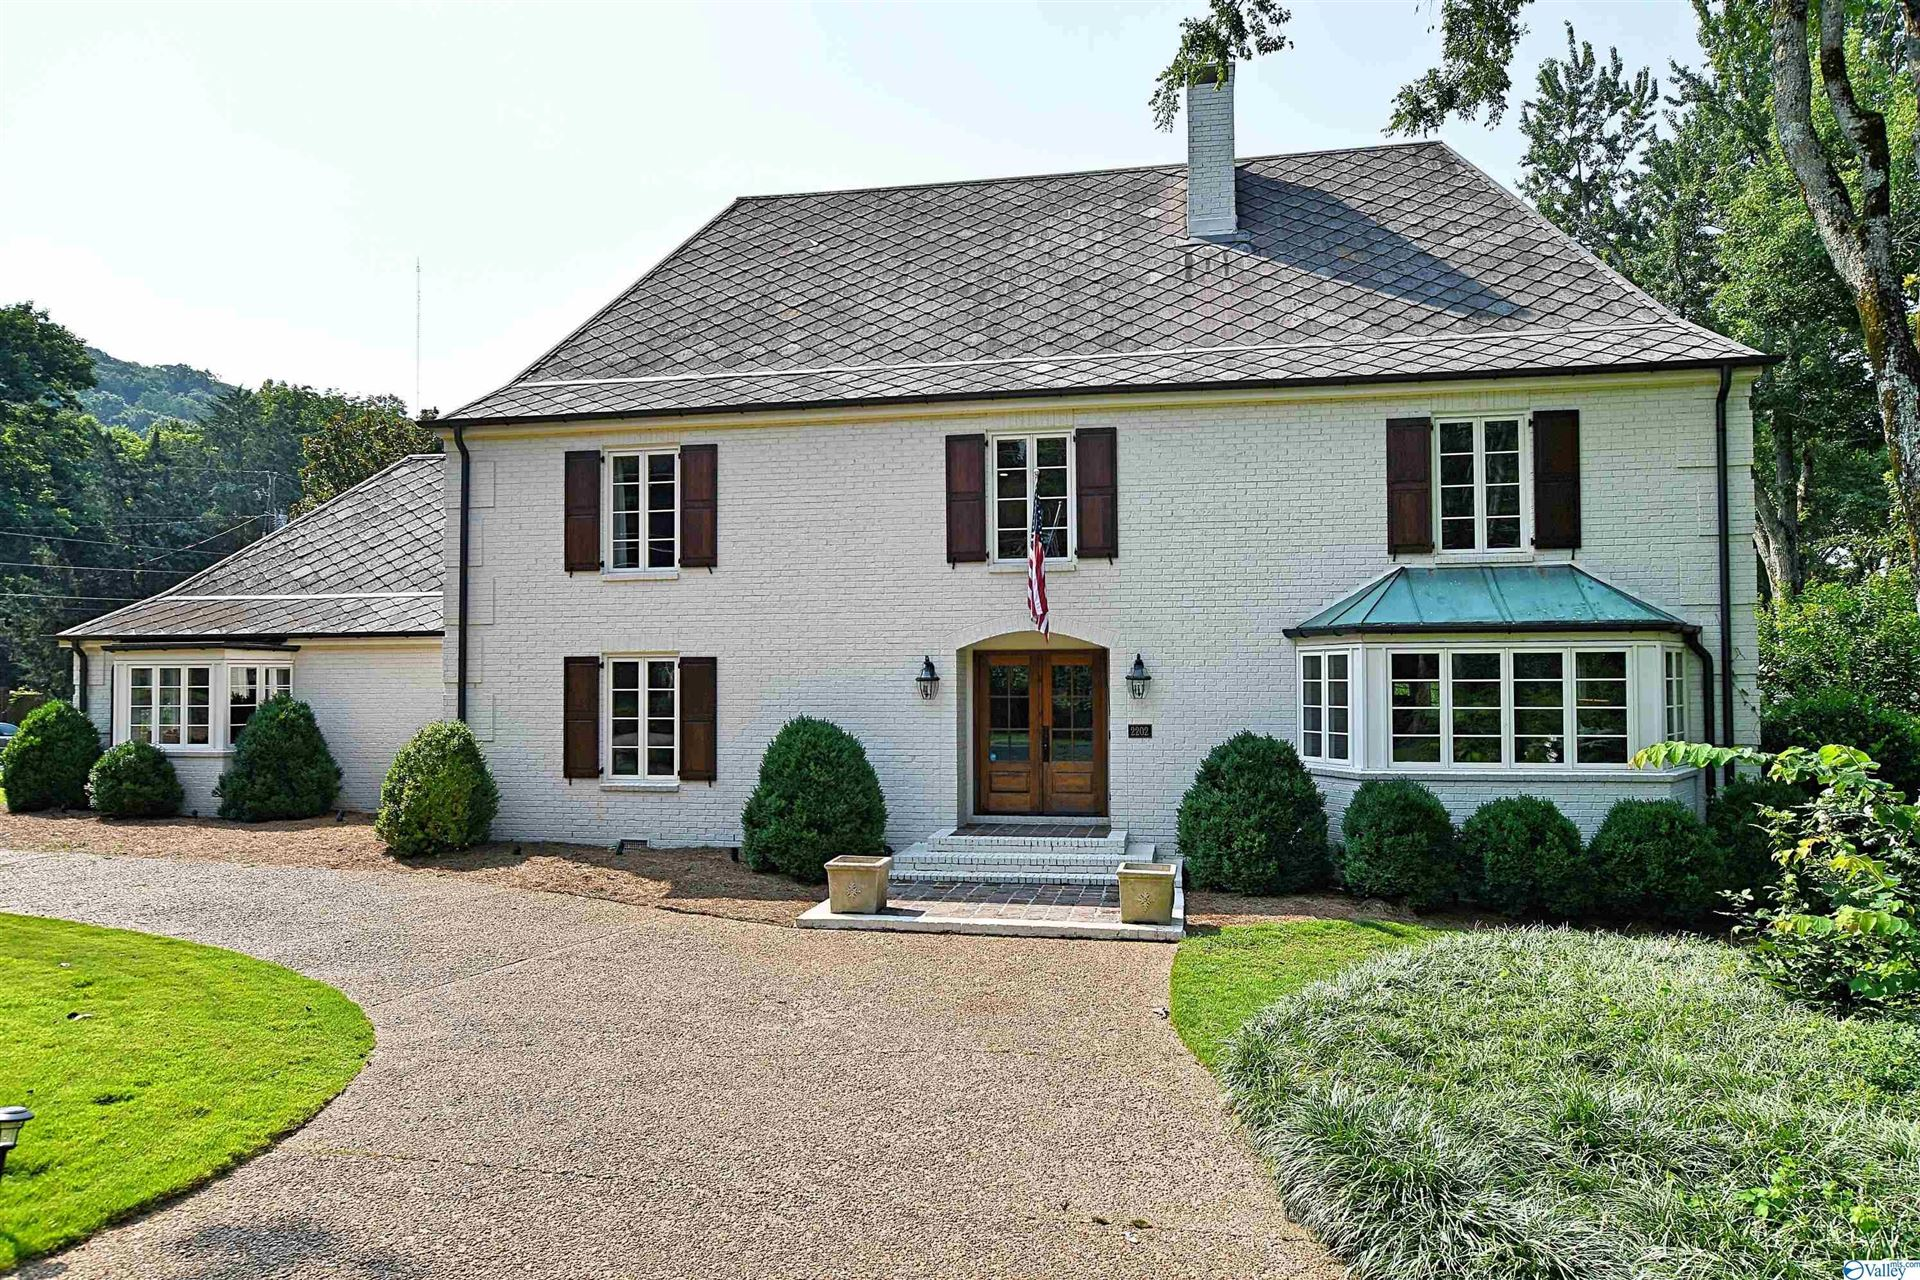 2202 Big Cove Road                                                                               Huntsville                                                                      , AL - $1,289,000